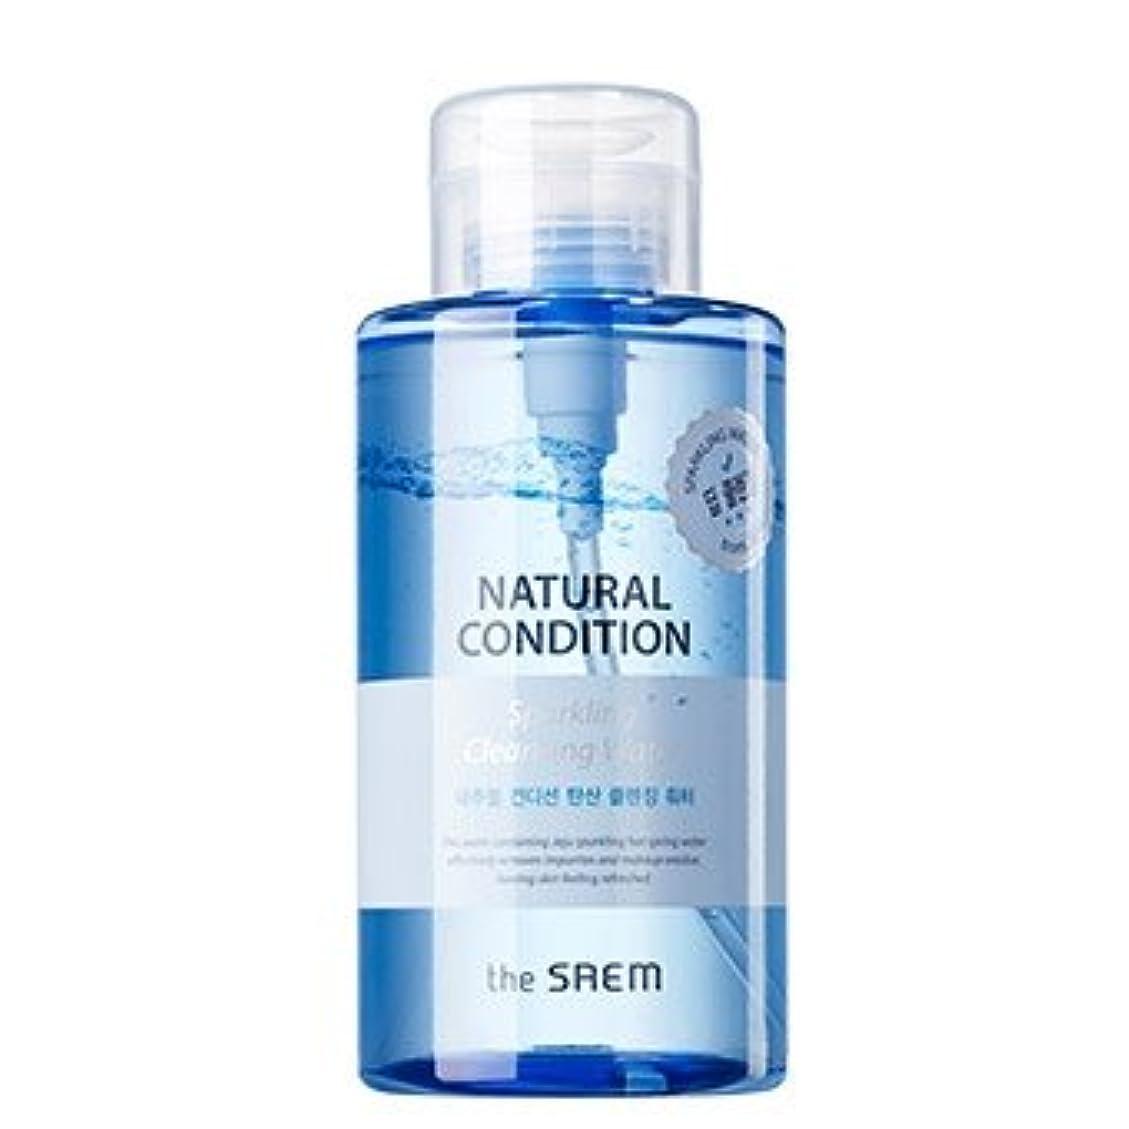 ルーチン複数乗り出すthe SAEM Natural Condition Sparkling Cleansing Water 500ml/ザセム ナチュラル コンディション スパークリング クレンジングウォーター 500ml [並行輸入品]